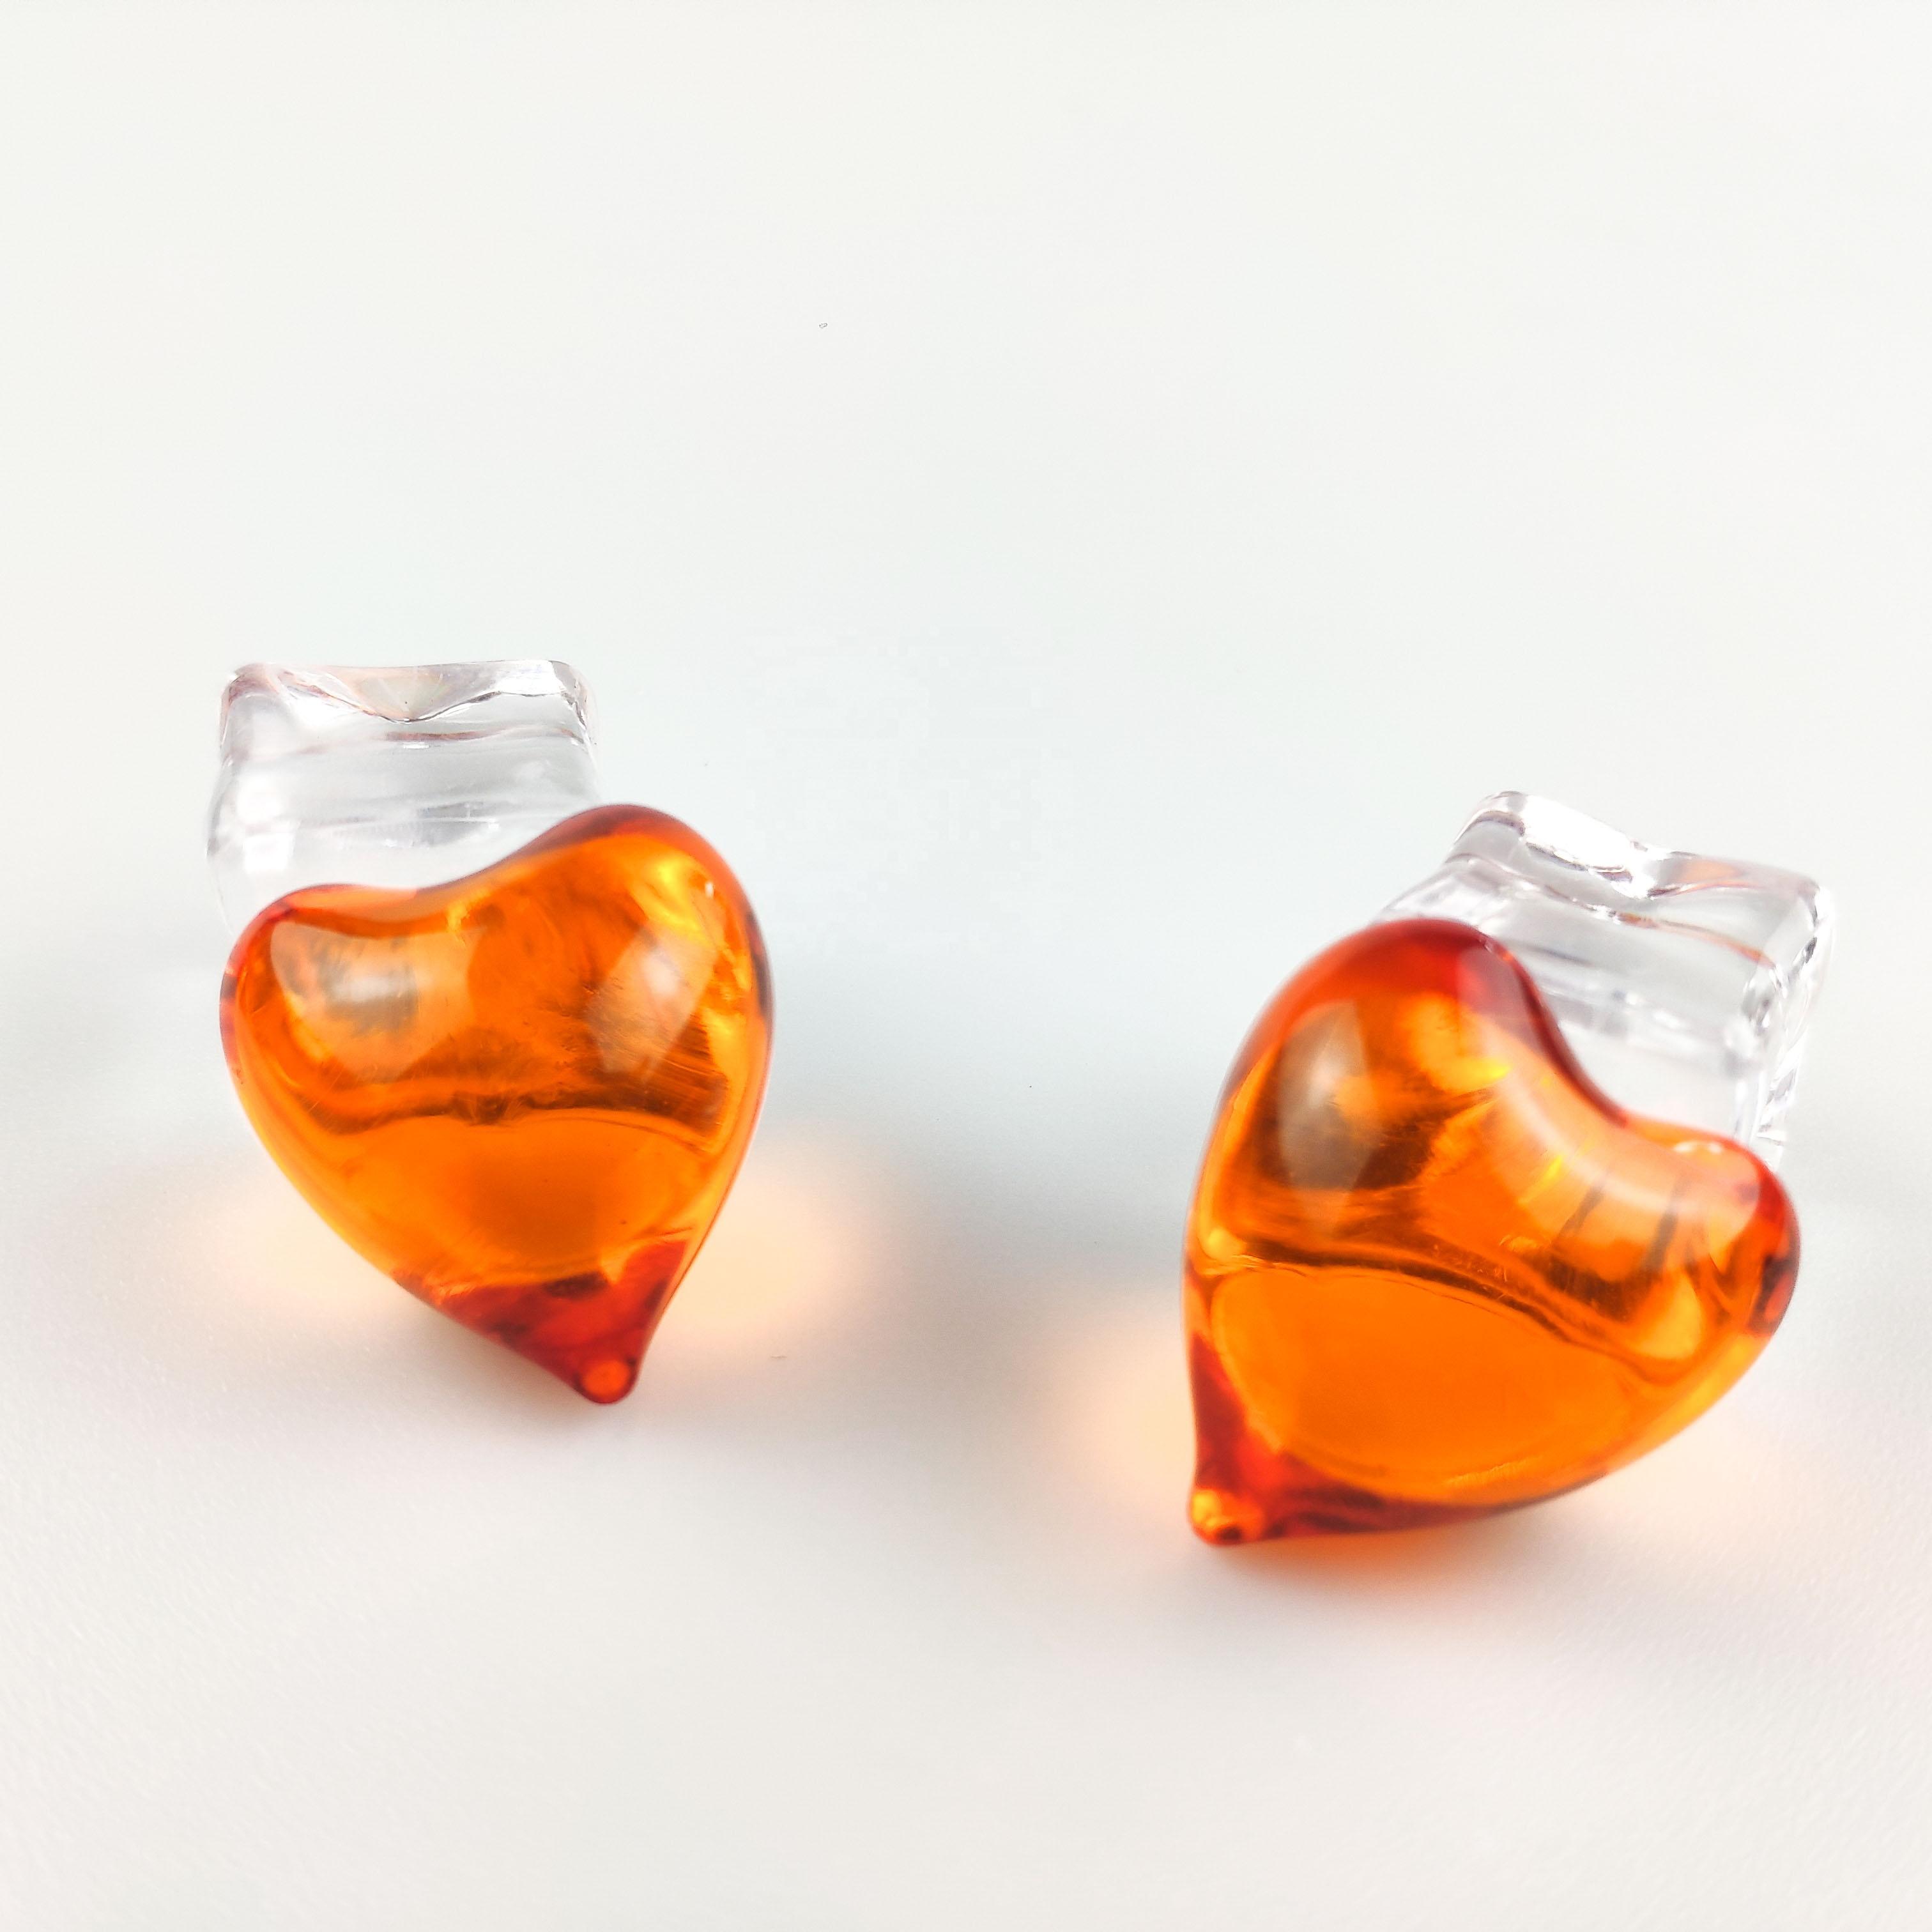 Масло-шарик для домашней спа-ванны, смягчает и увлажняет кожу, страсть, долговечный аромат, форма сердца, подарок на день Святого Валентина